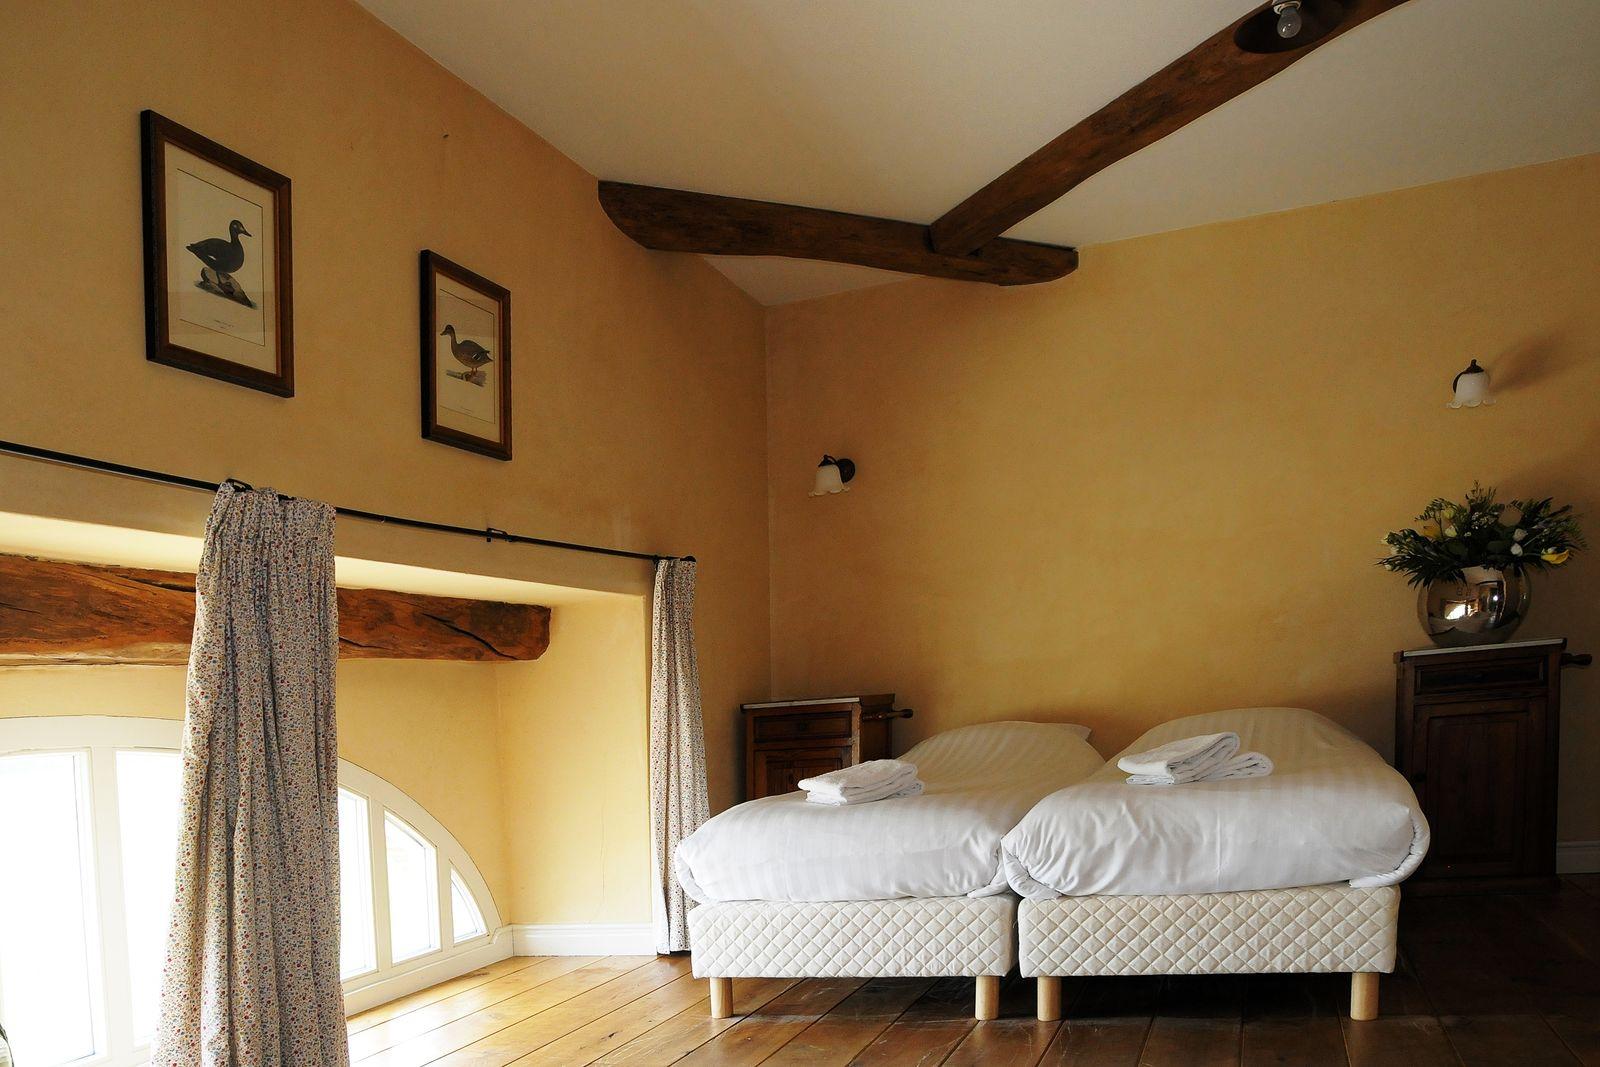 Afbeelding van Limburgse Carrehoeve Poel - vakantiehuis voor groepen in Zuid-Limburg